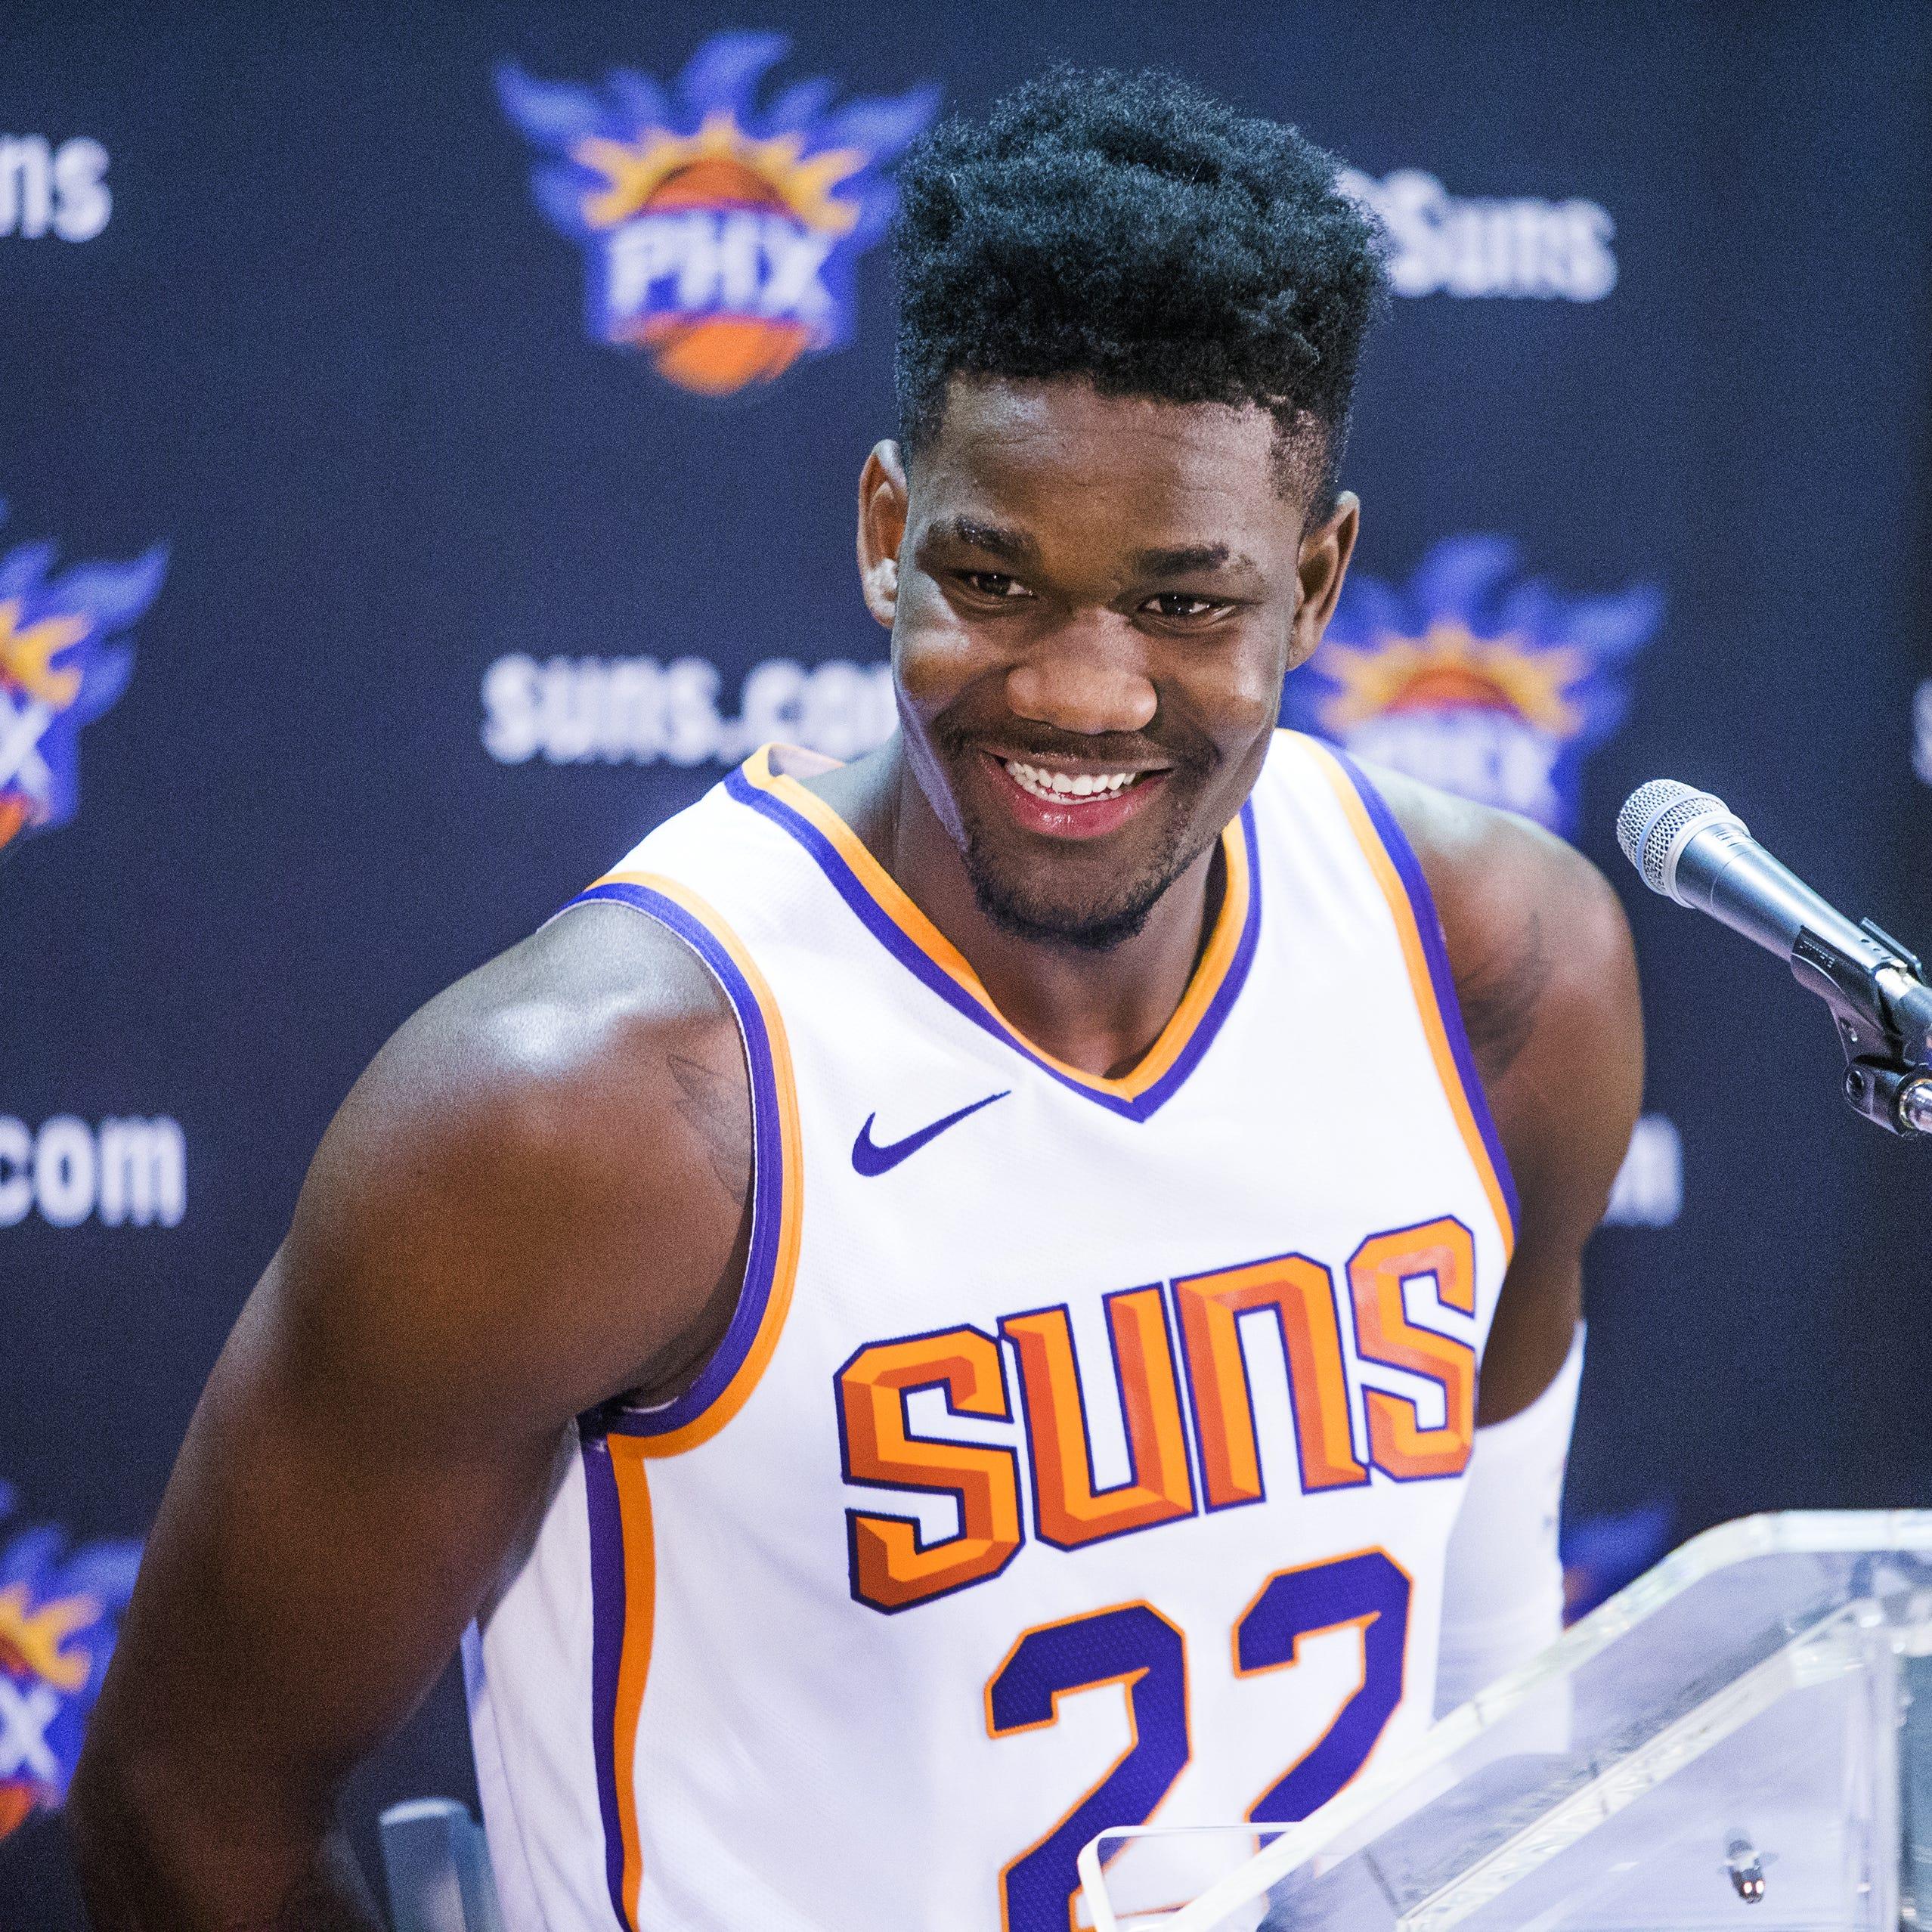 Phoenix Suns' Deandre Ayton responds to Philadelphia 76ers' Joel Embiid's comments